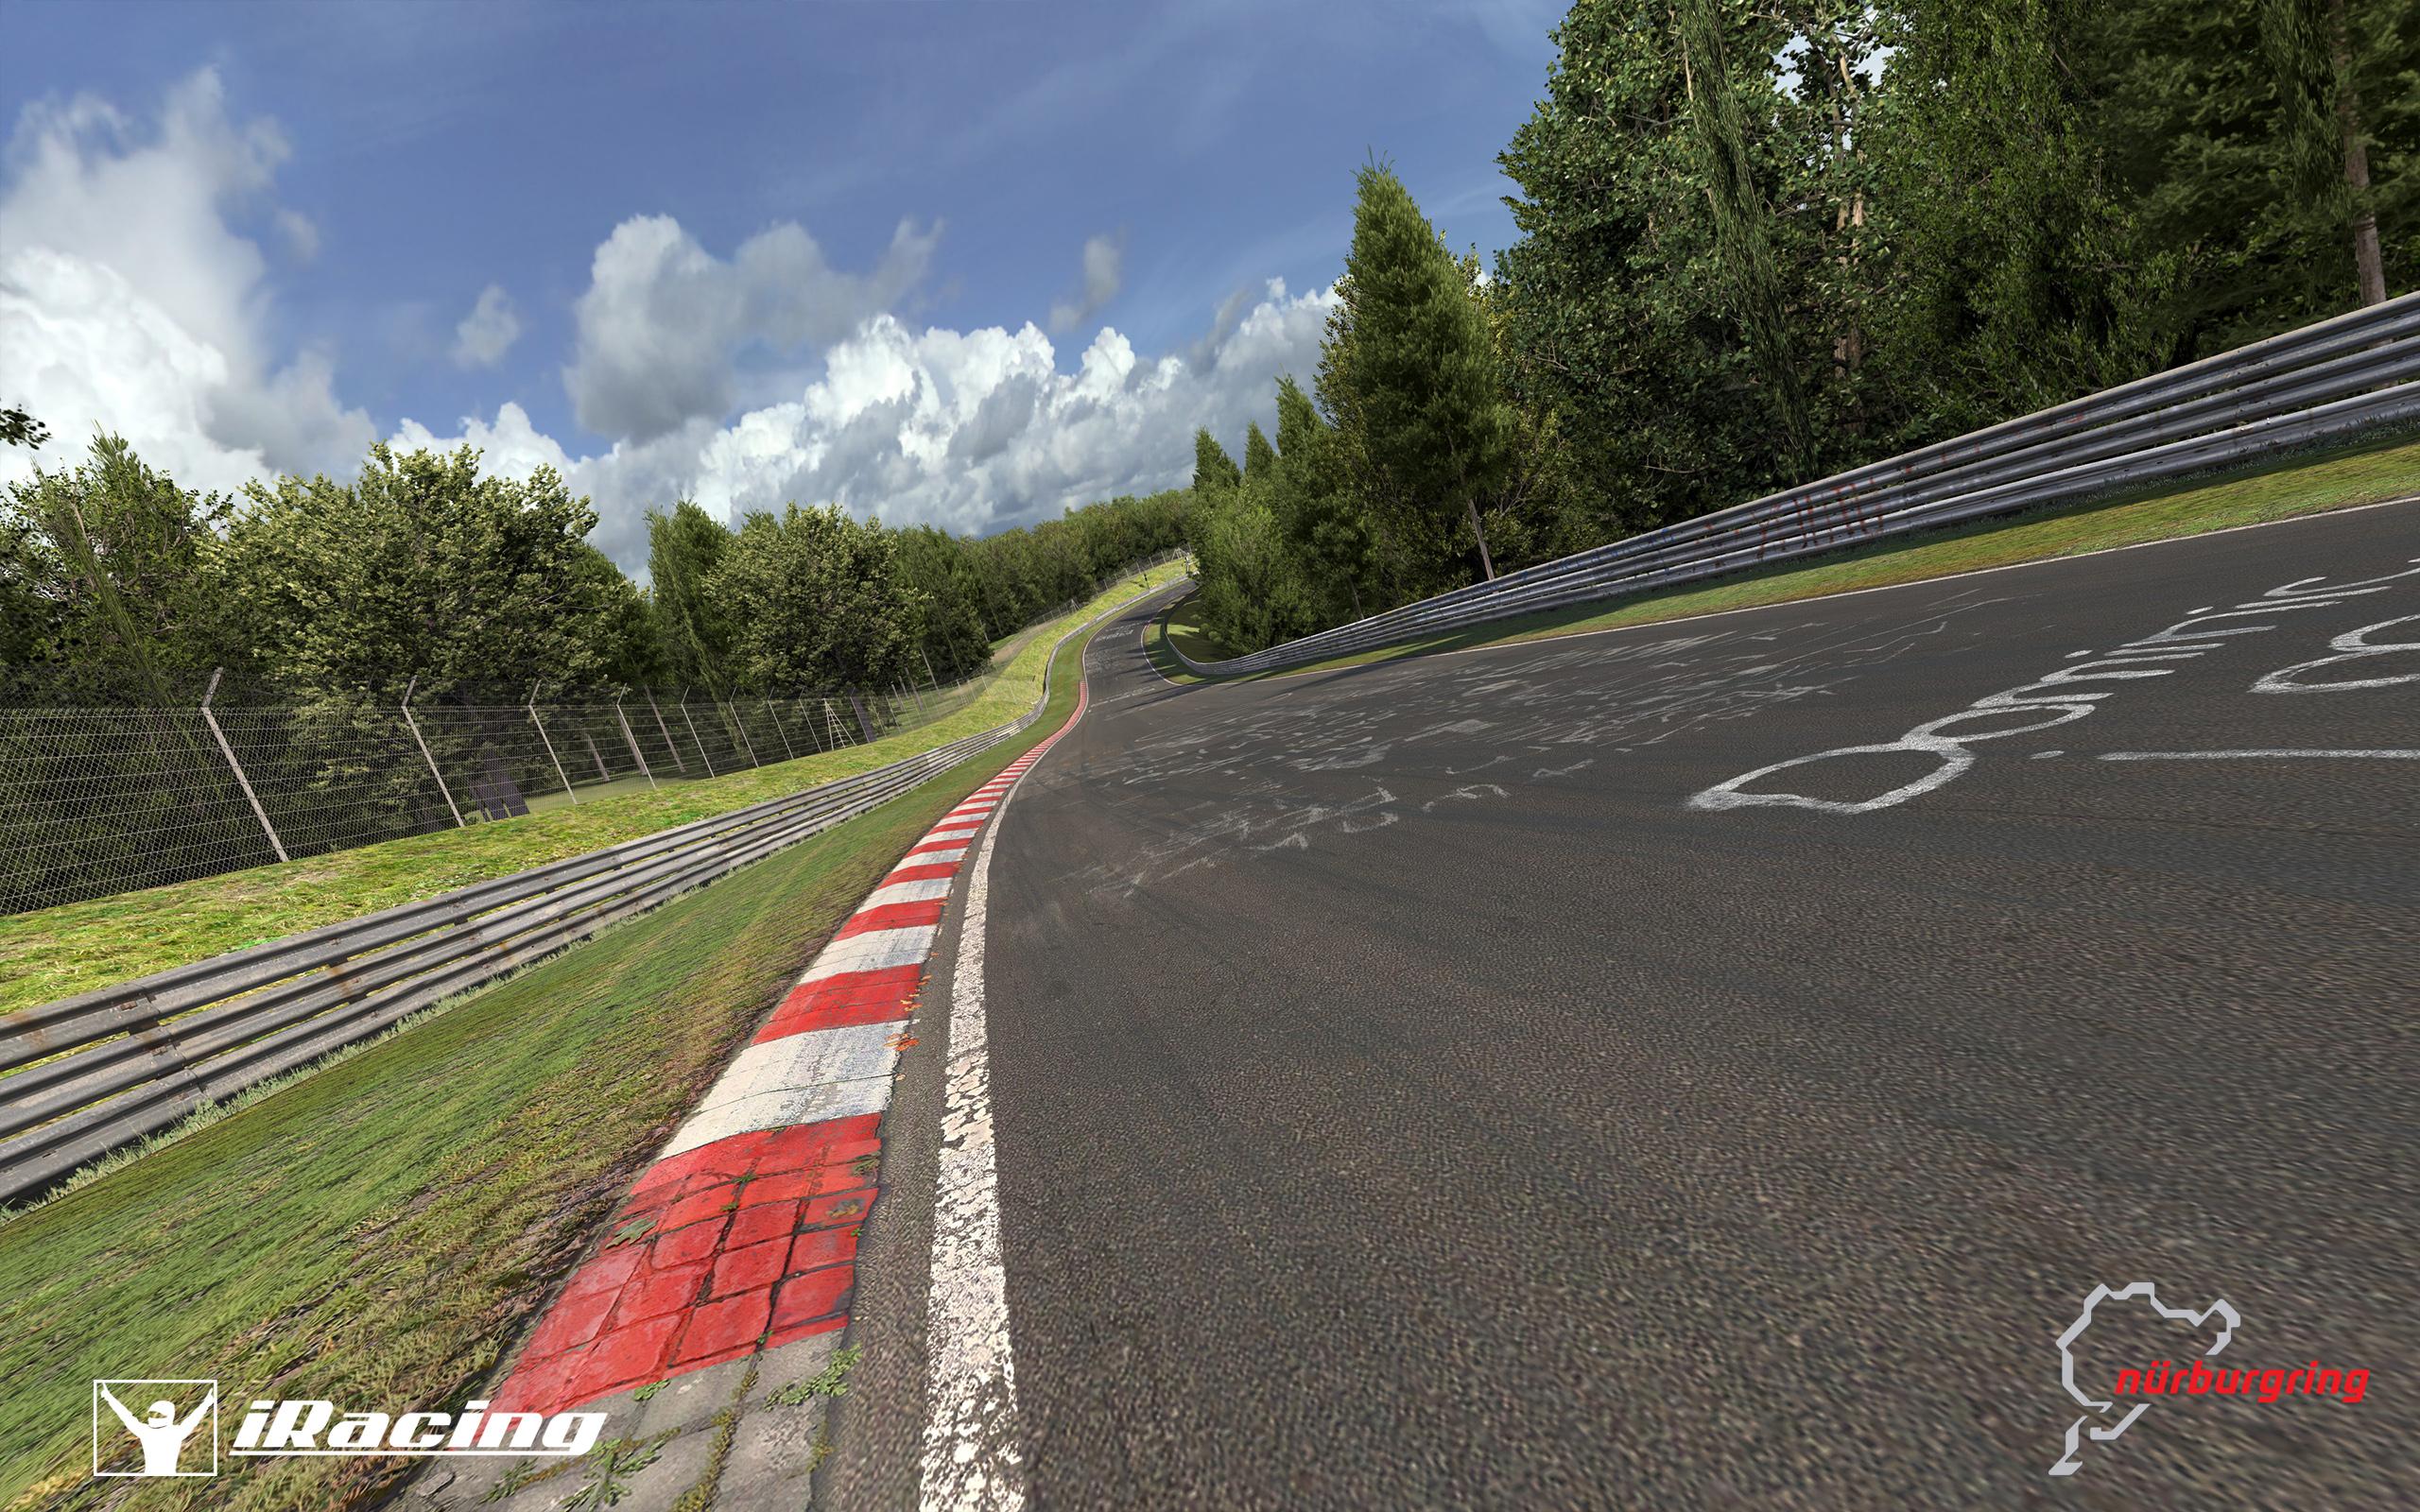 Mazda Raceway Laguna Seca >> iRacing Wallpaper - WallpaperSafari